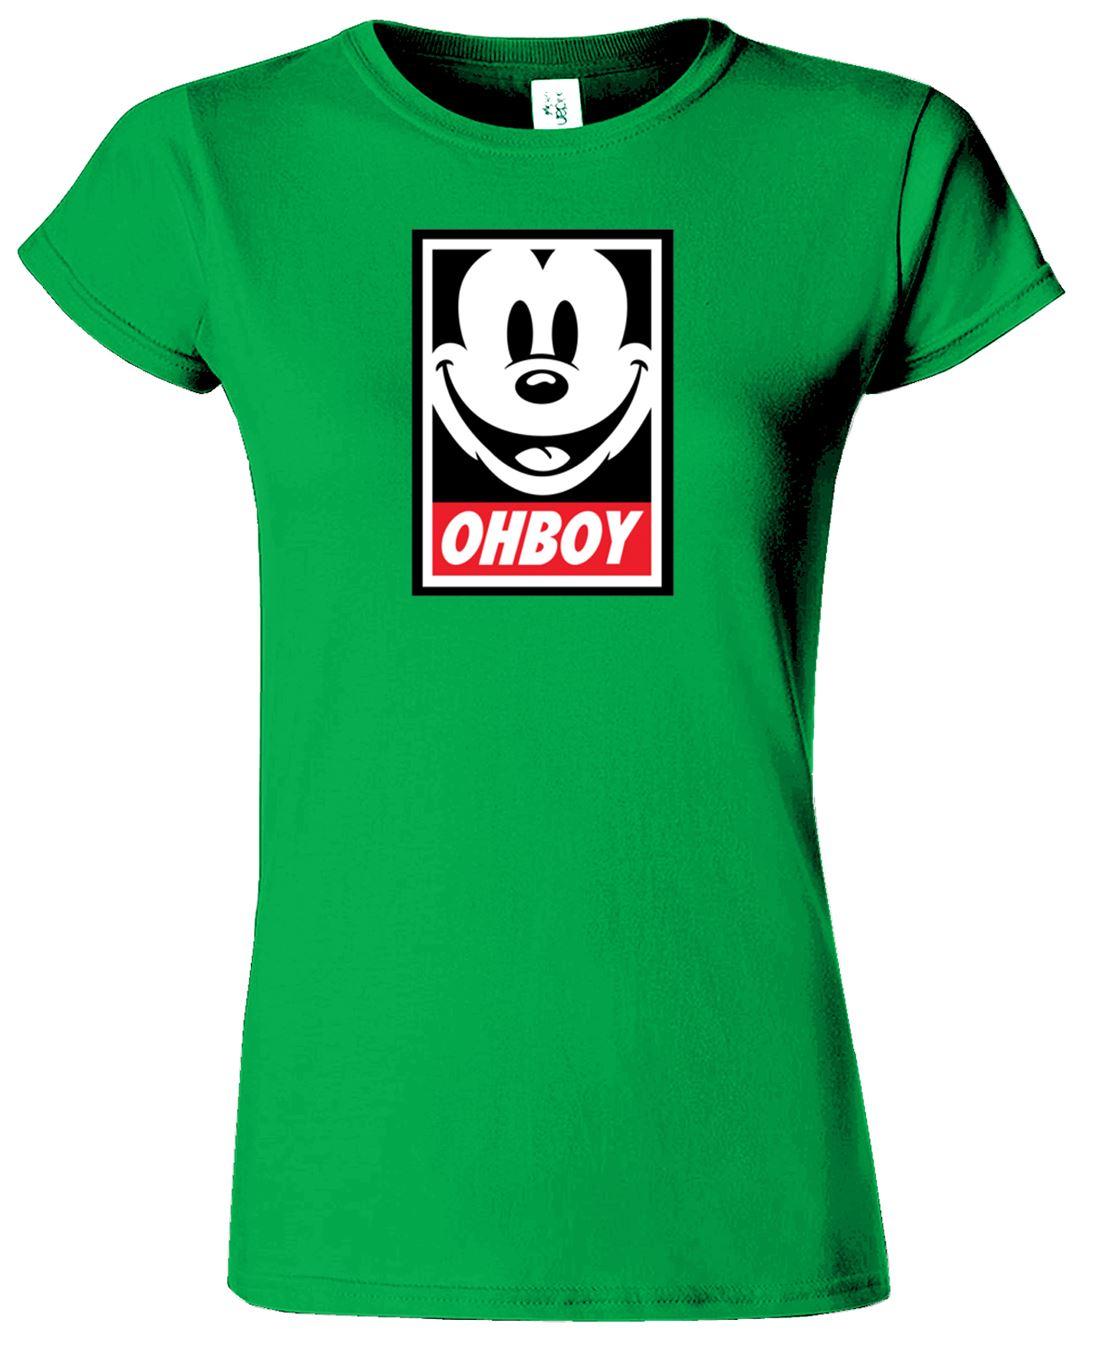 New look ohboy t shirt womens girls ladies xxl l m s for Womens golf shirts xxl